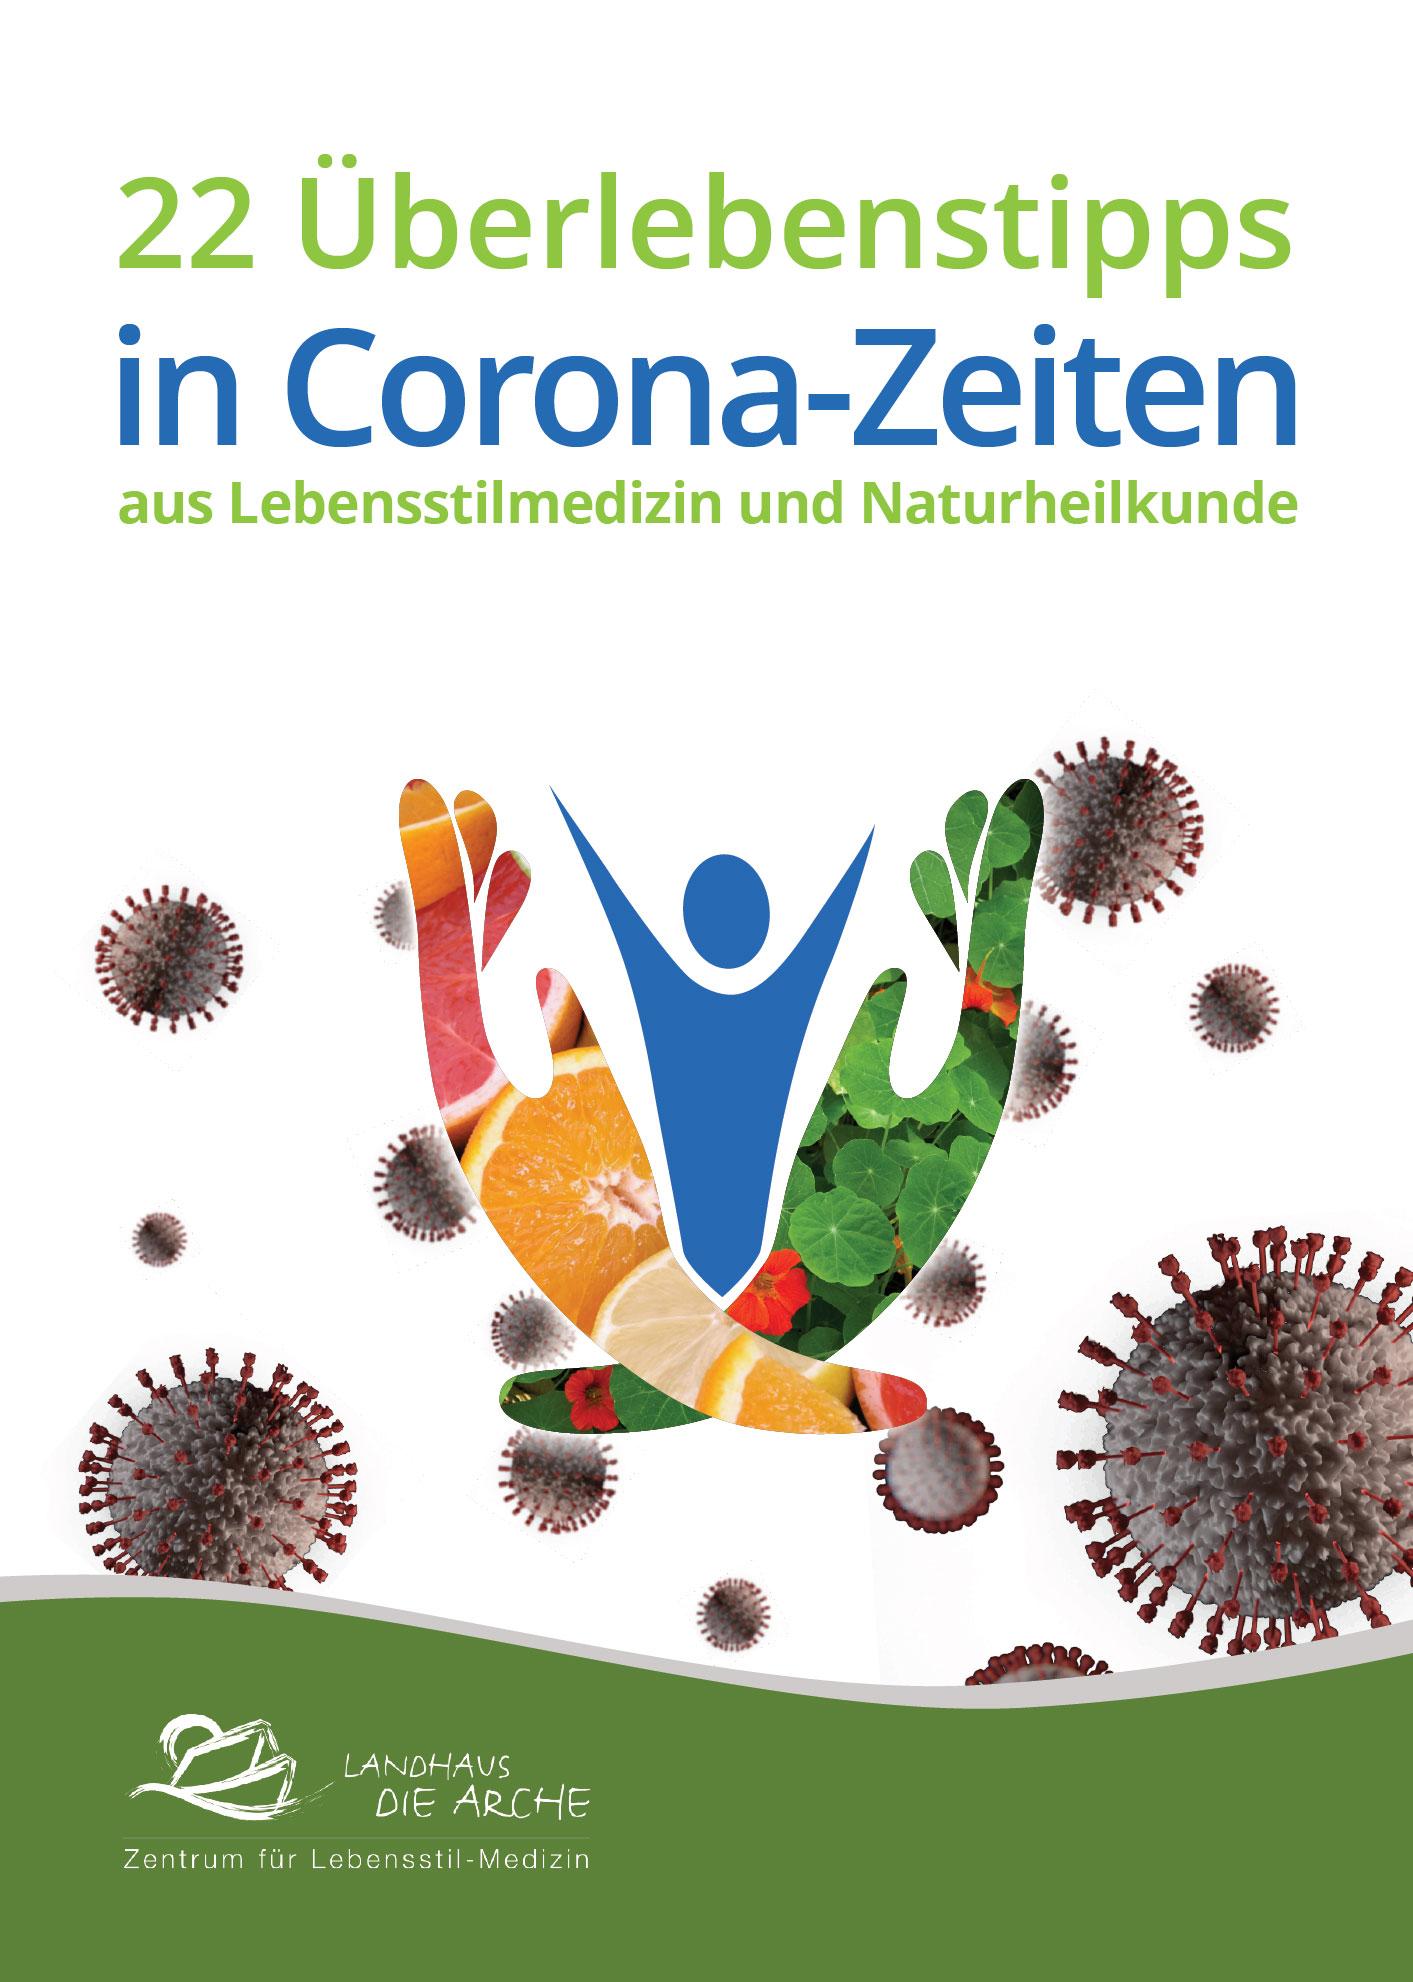 22 Überlebenstipps aus Lebensstilmedizin und Naturheilkunde in Corona-Zeiten